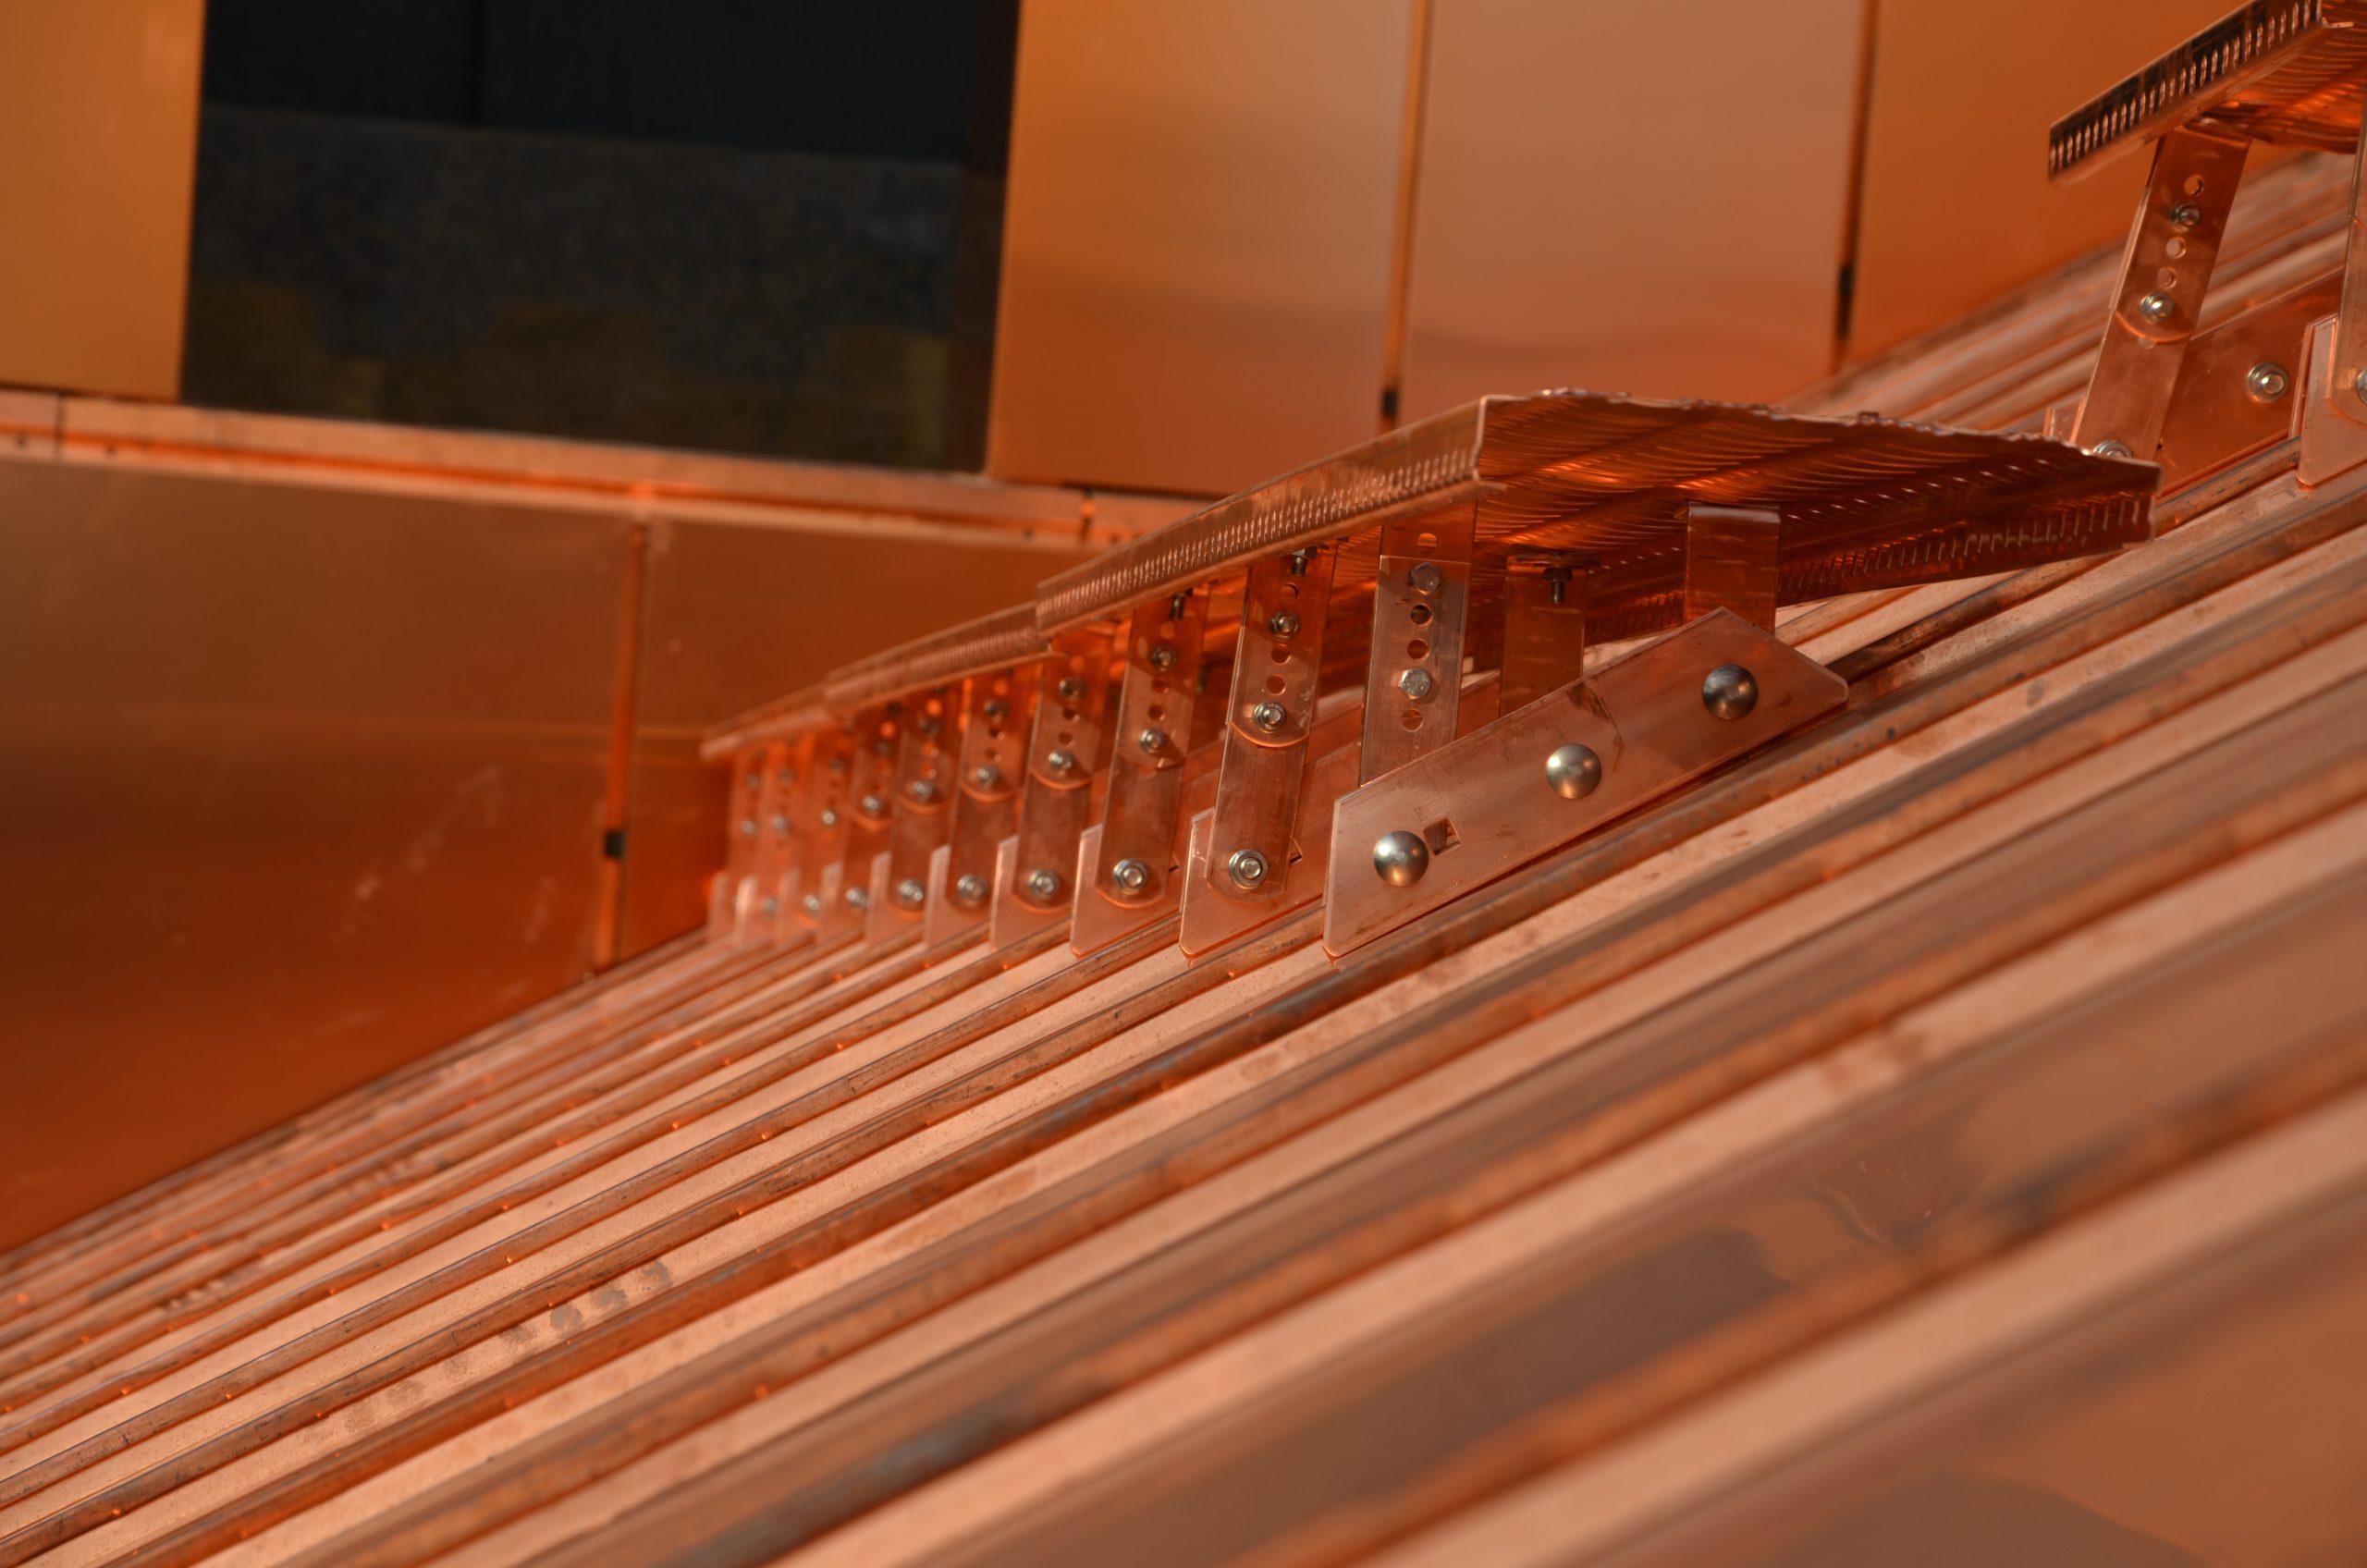 wspornik ławy kominiarskiej miedziany, który łączony z ławą kominiarską pozwala na stworzenie pełnego zestawu do przemieszczania się po pokryciu dachowym